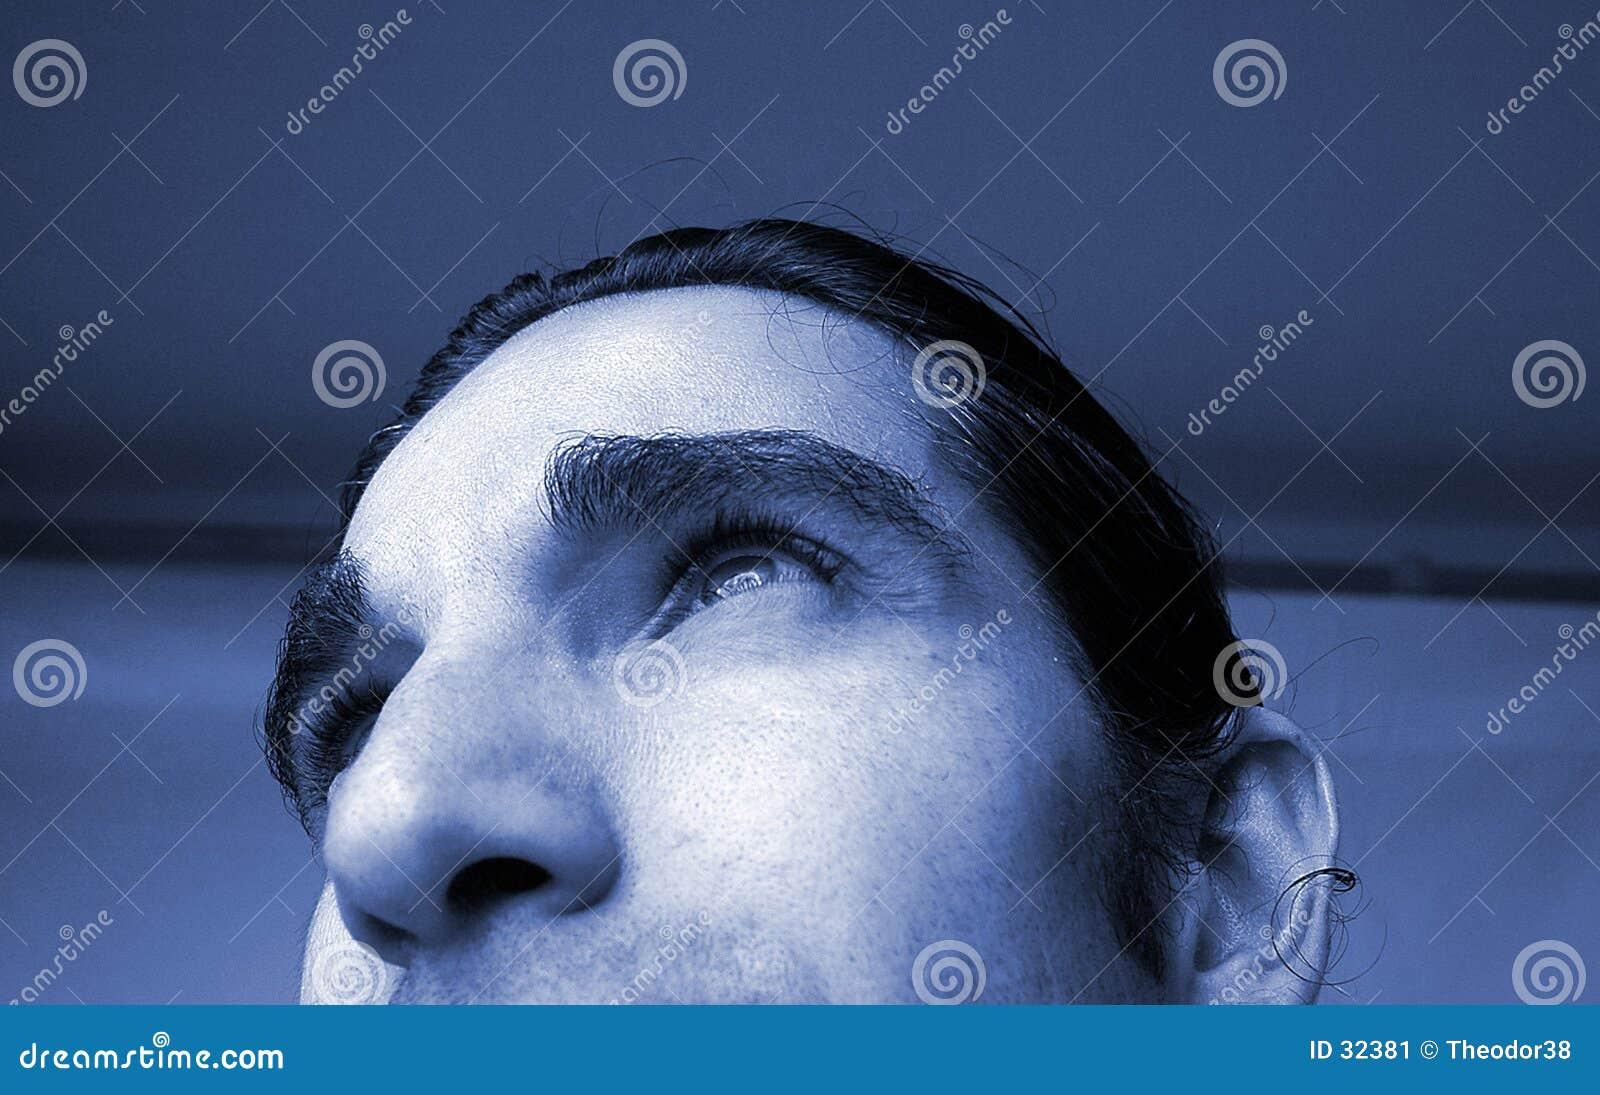 Download Retrato azul del hombre imagen de archivo. Imagen de verde - 32381